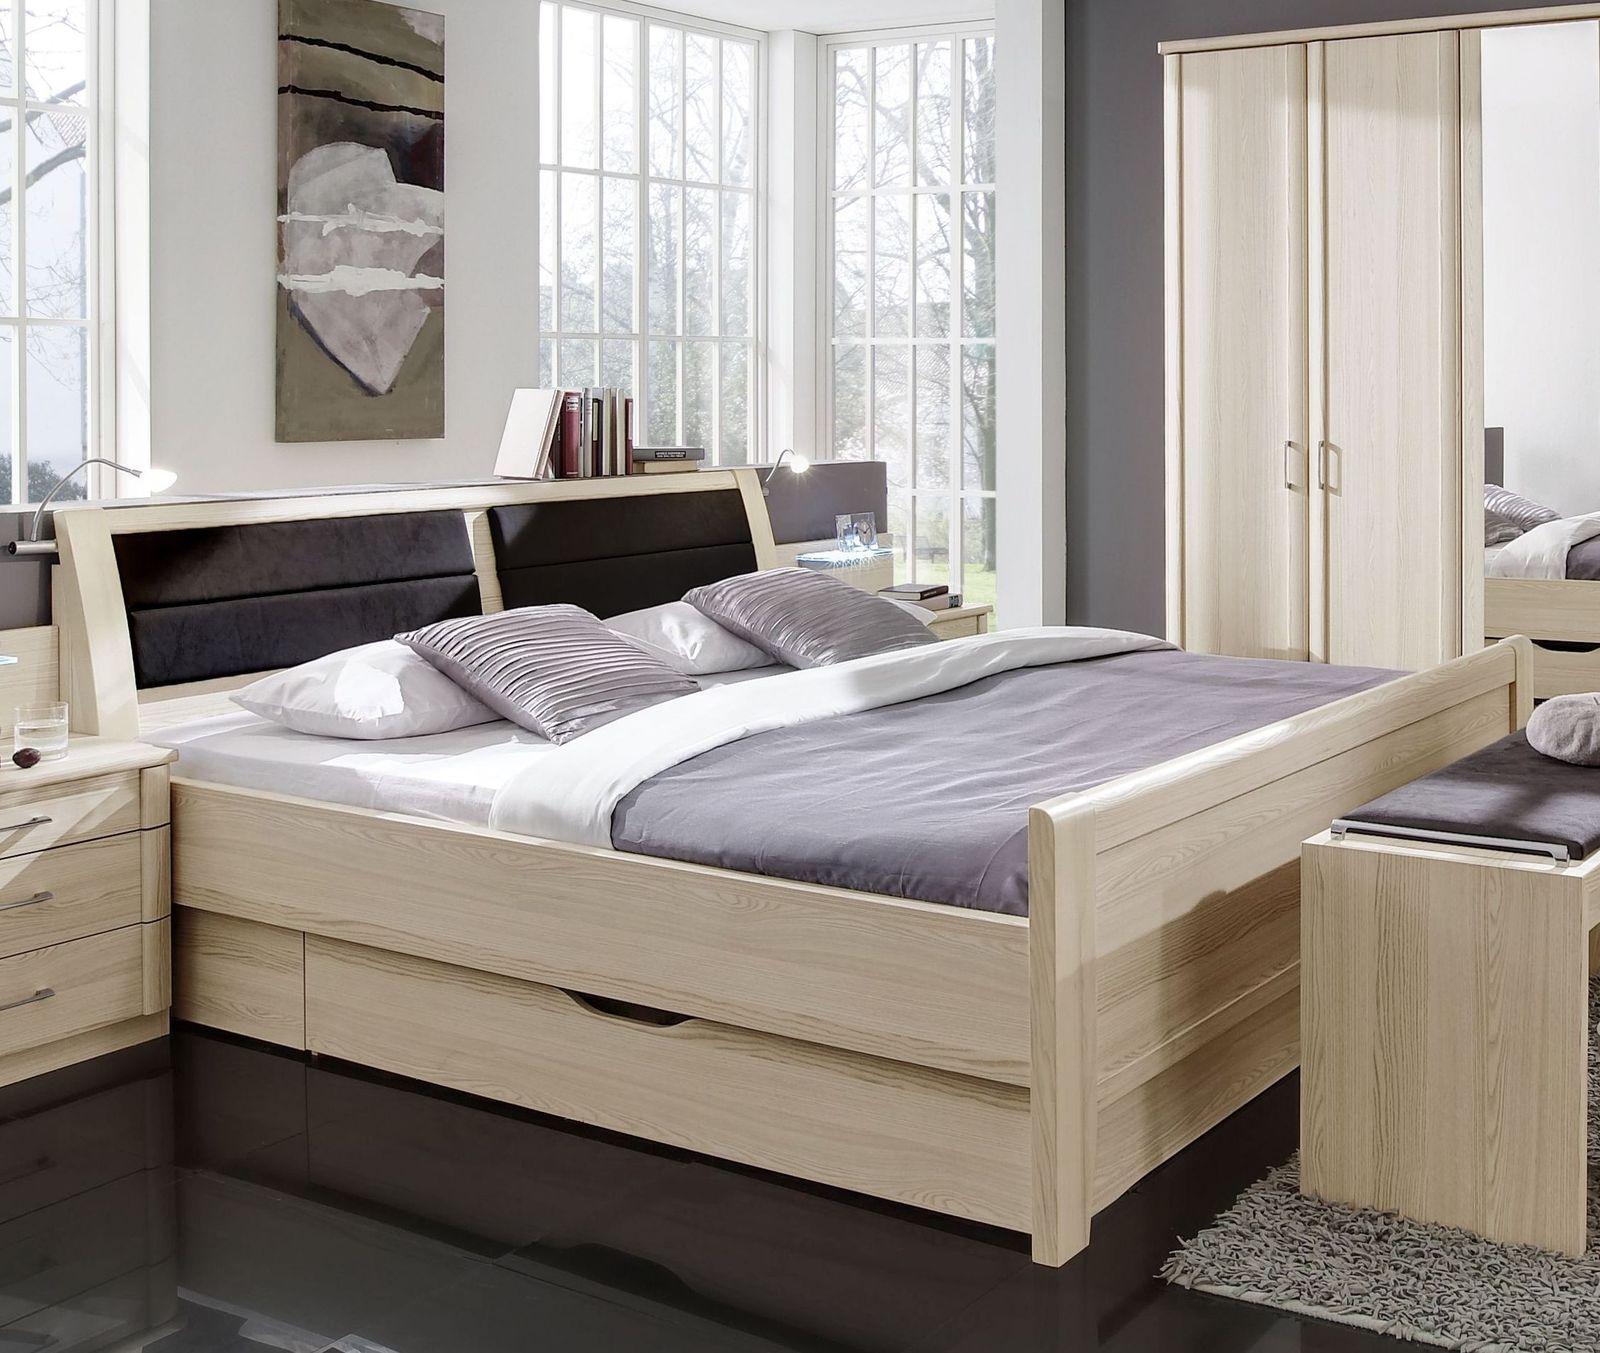 Full Size of Bett 140x220 Senioren Schlafzimmer Mit Doppelbett Bettkasten 90x200 Betten Für übergewichtige 200x200 Dänisches Bettenlager Badezimmer München 180x200 Bett Bett 140x220